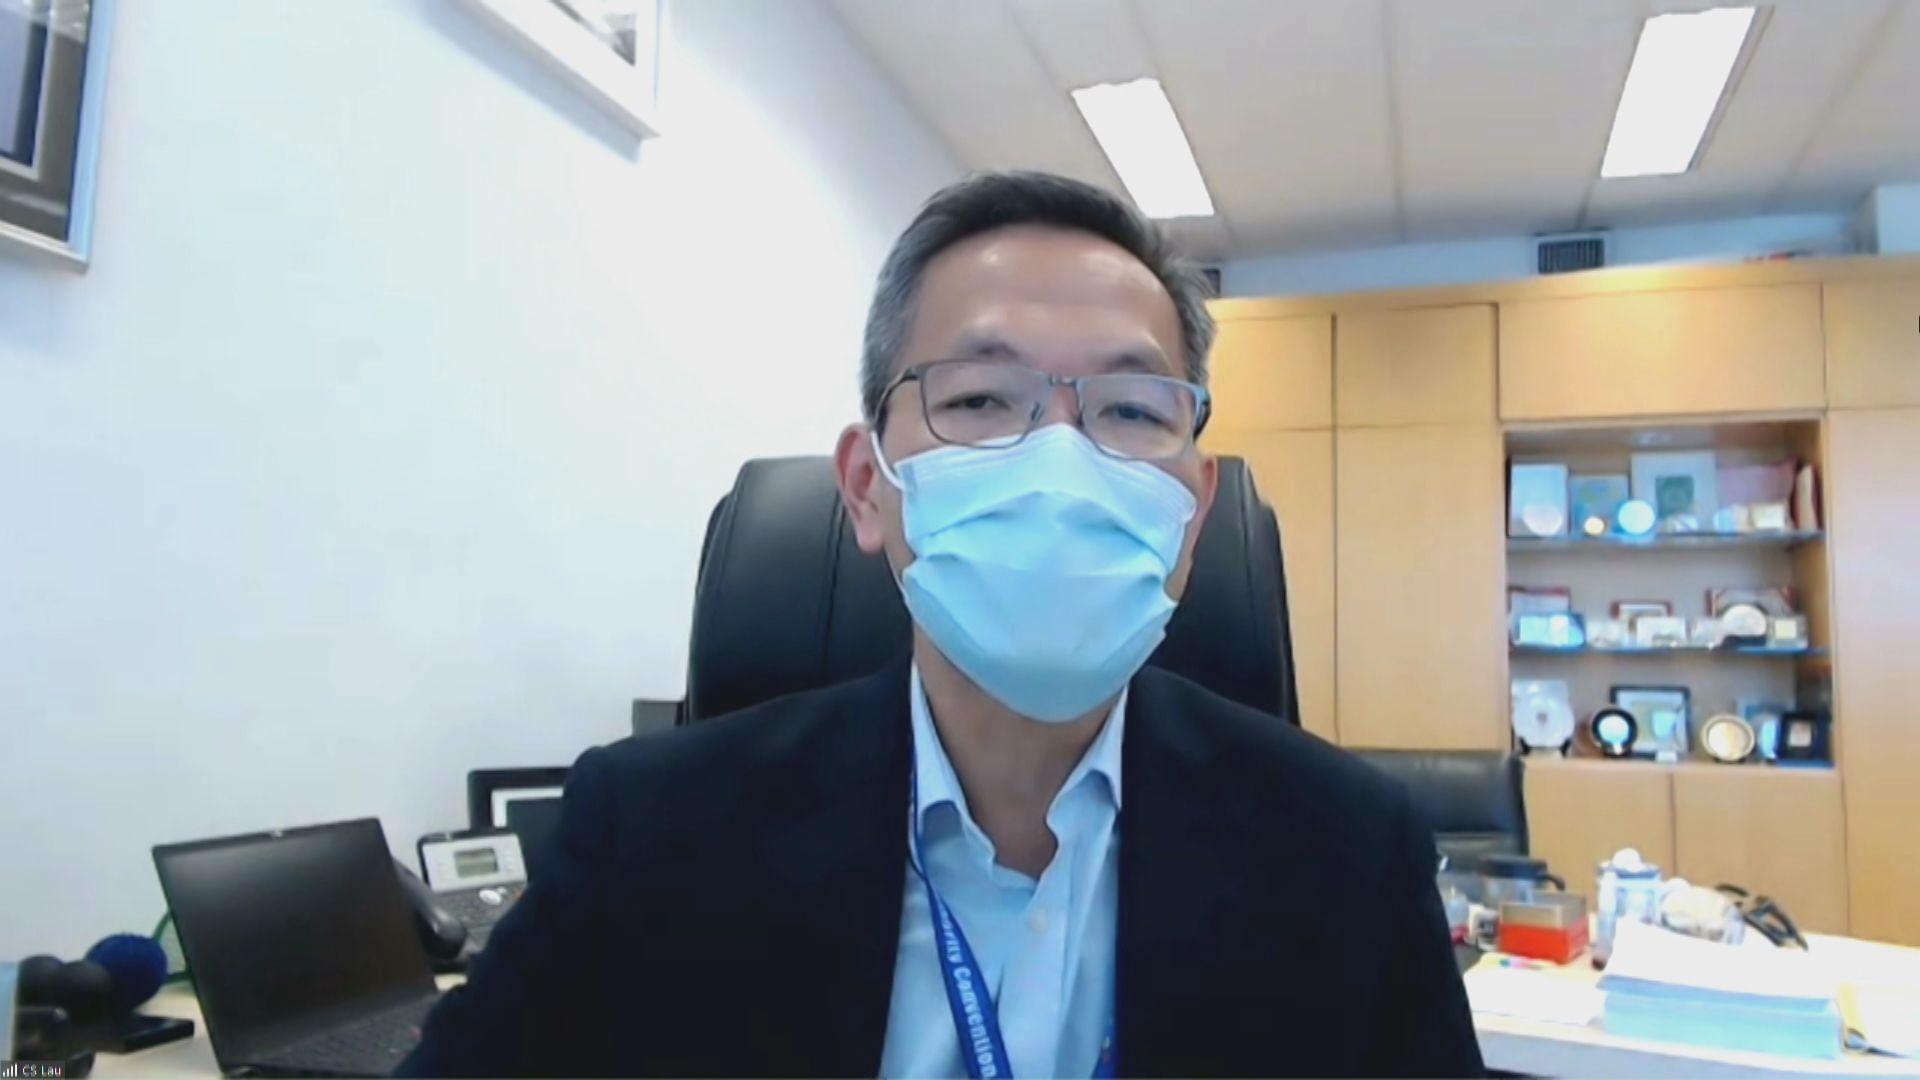 劉澤星:長者接種科興疫苗未見嚴重副作用